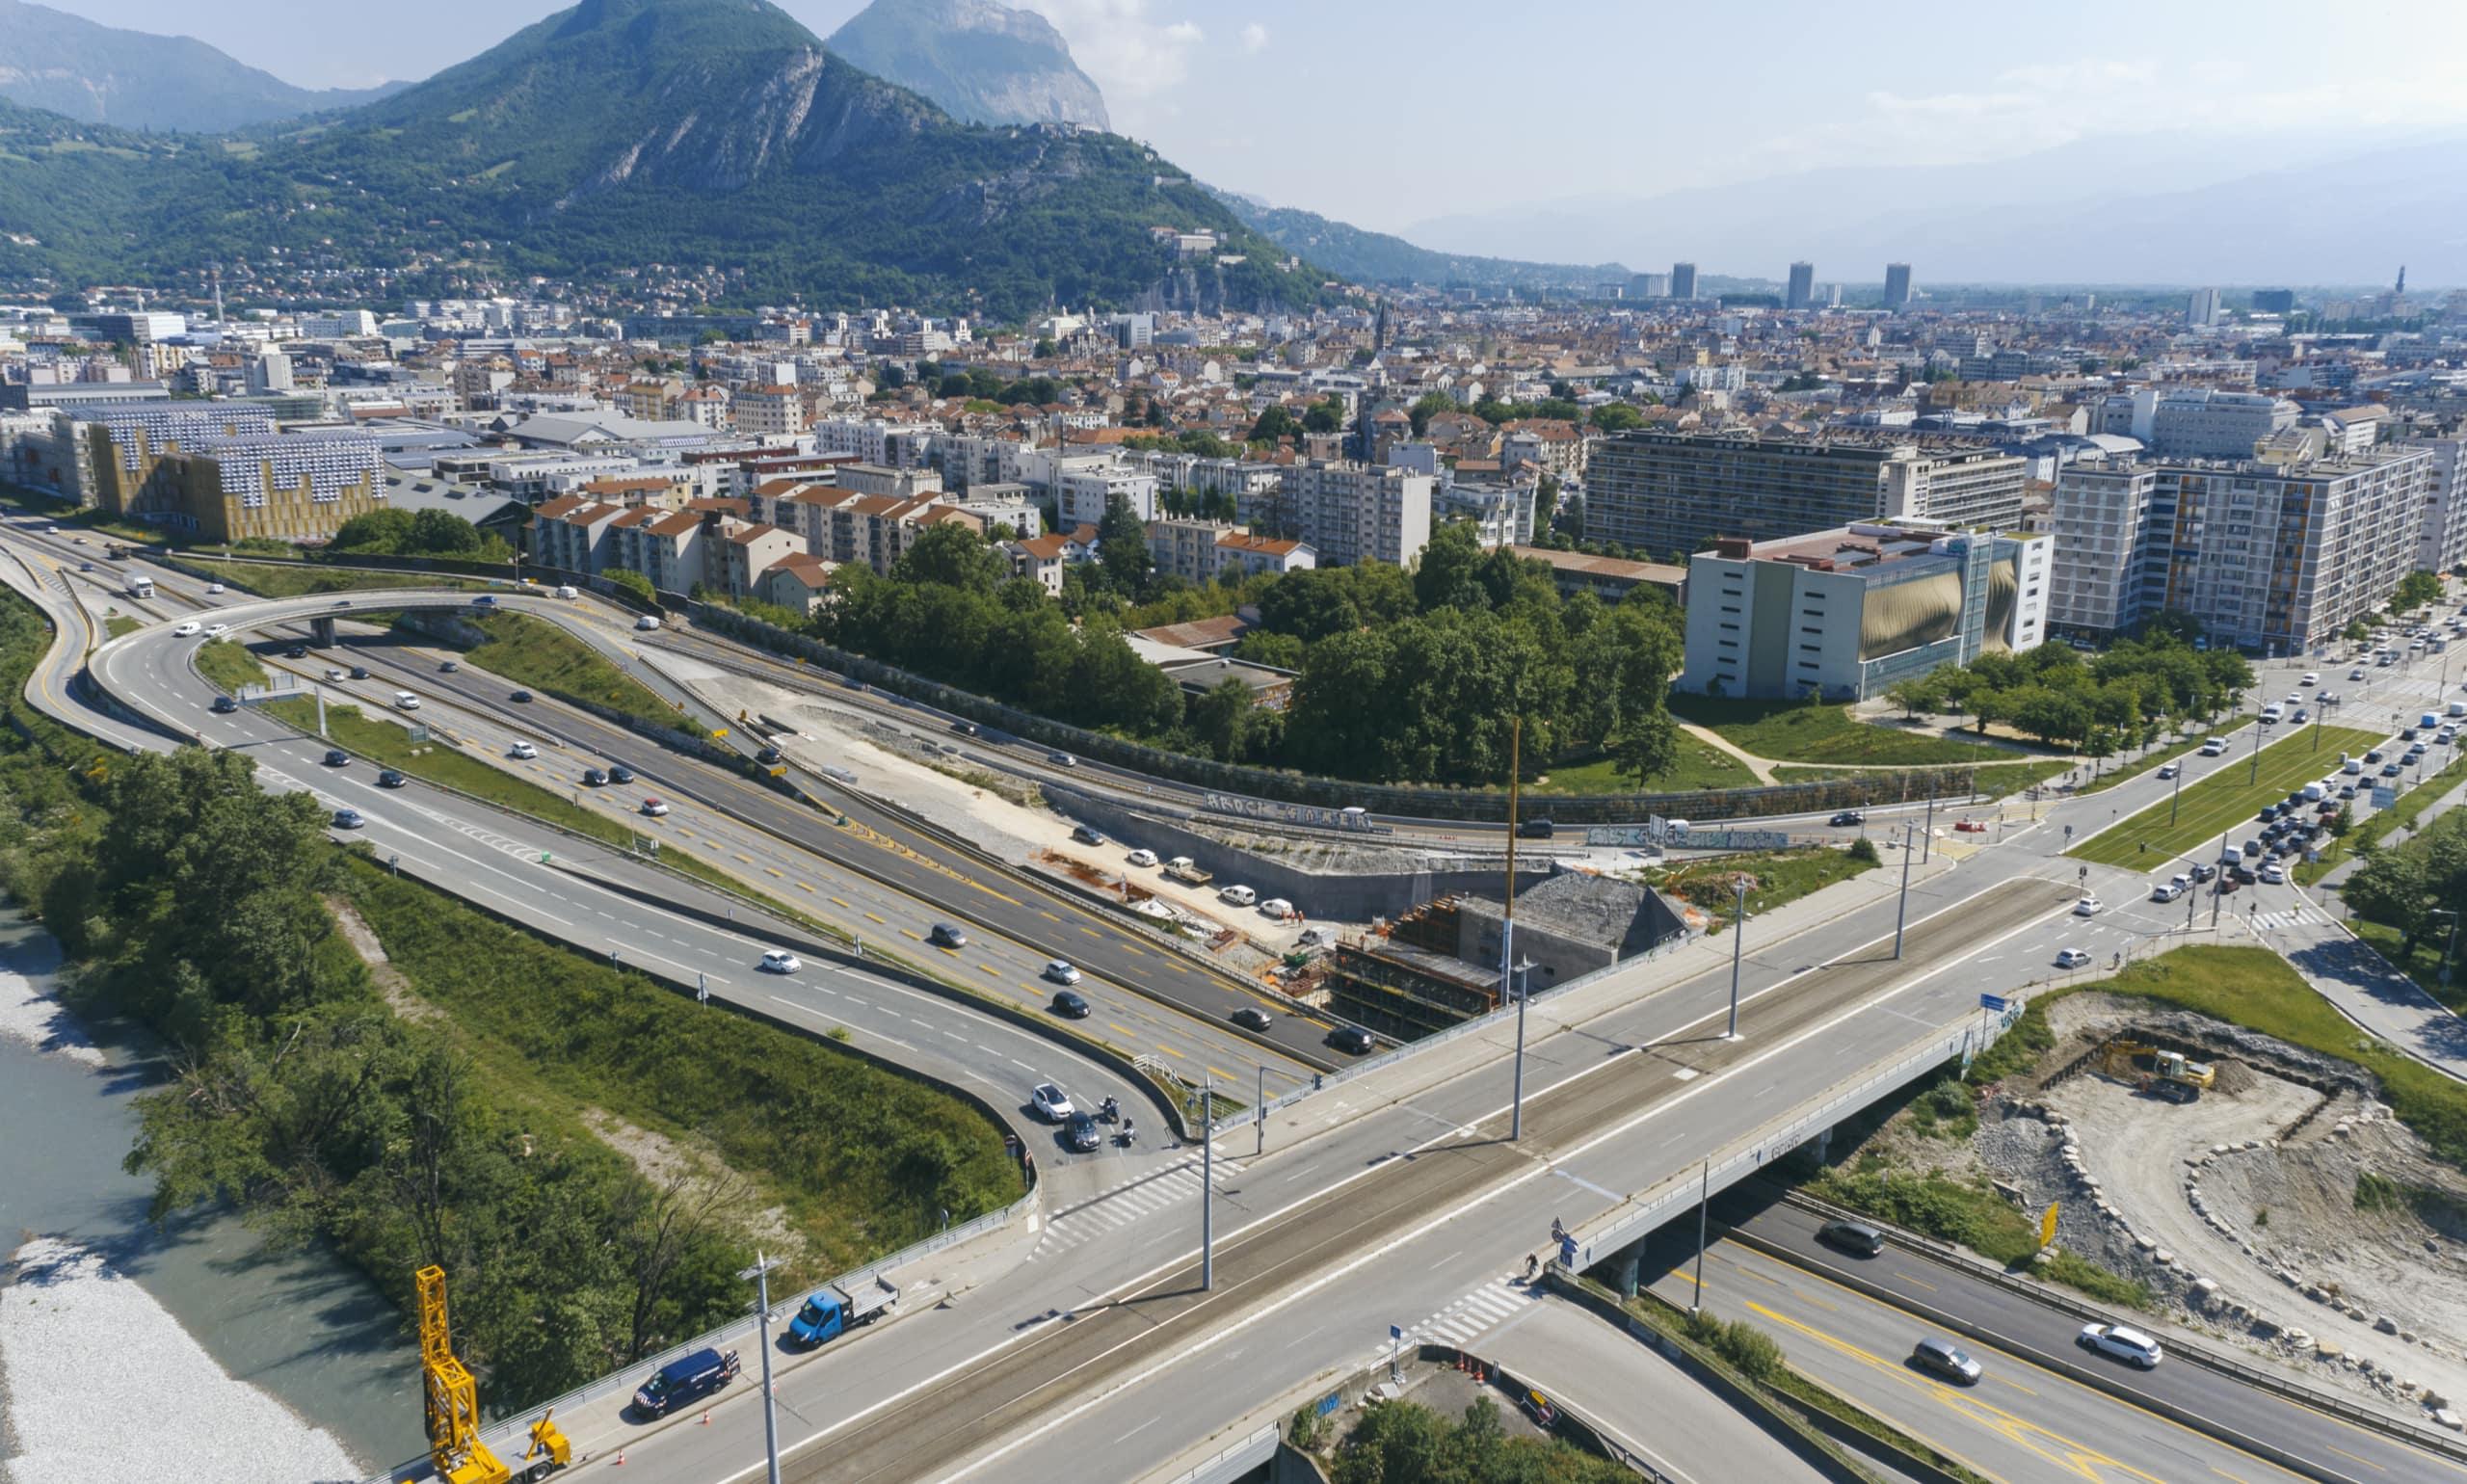 nouvel écran acoustique le long du parc Joseph-Vallier à Grenoble